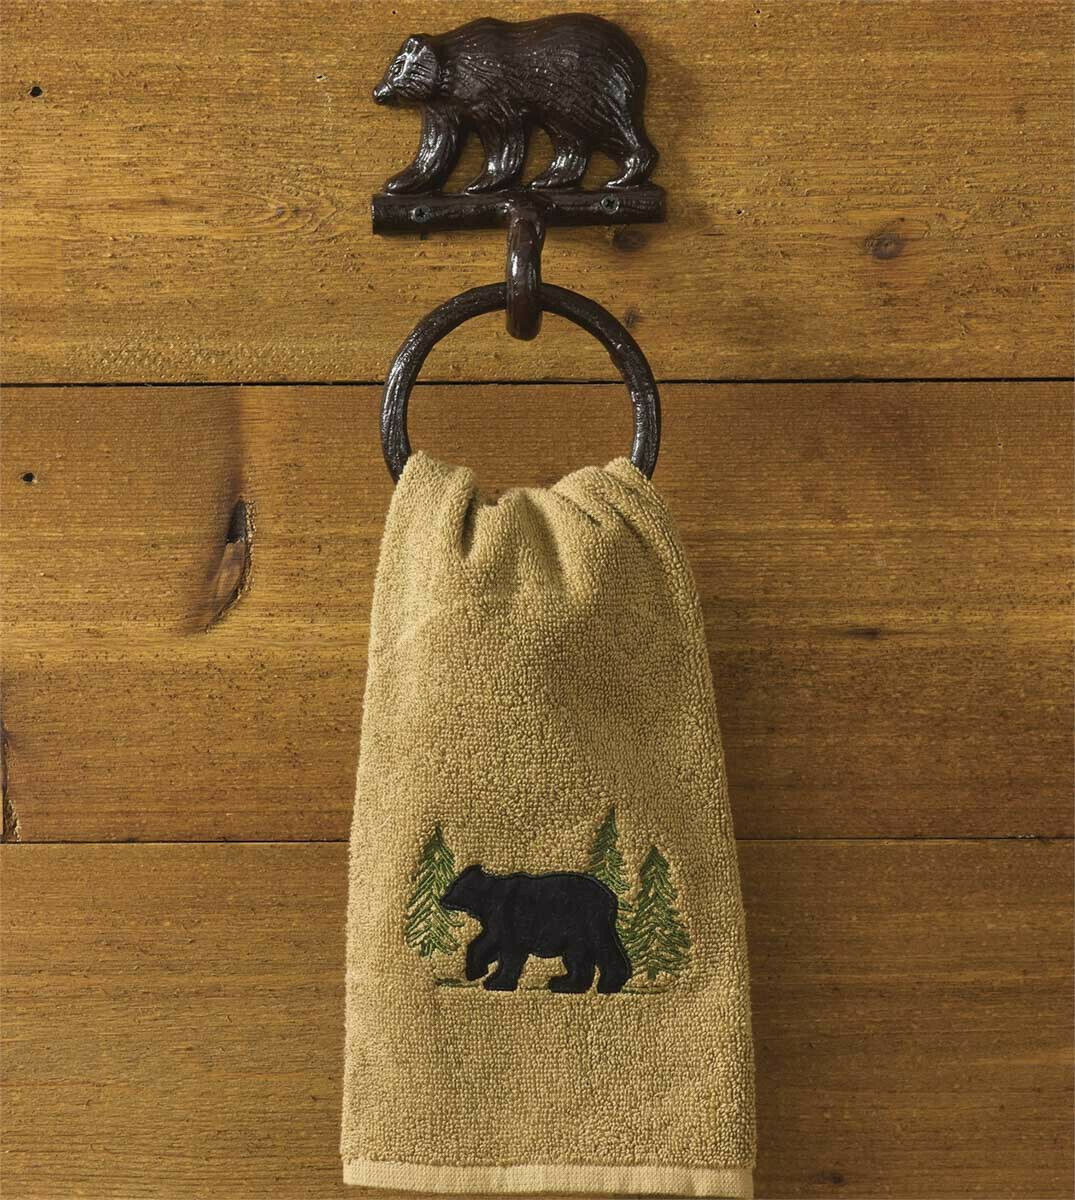 Cast Bear Towel Ring Hook